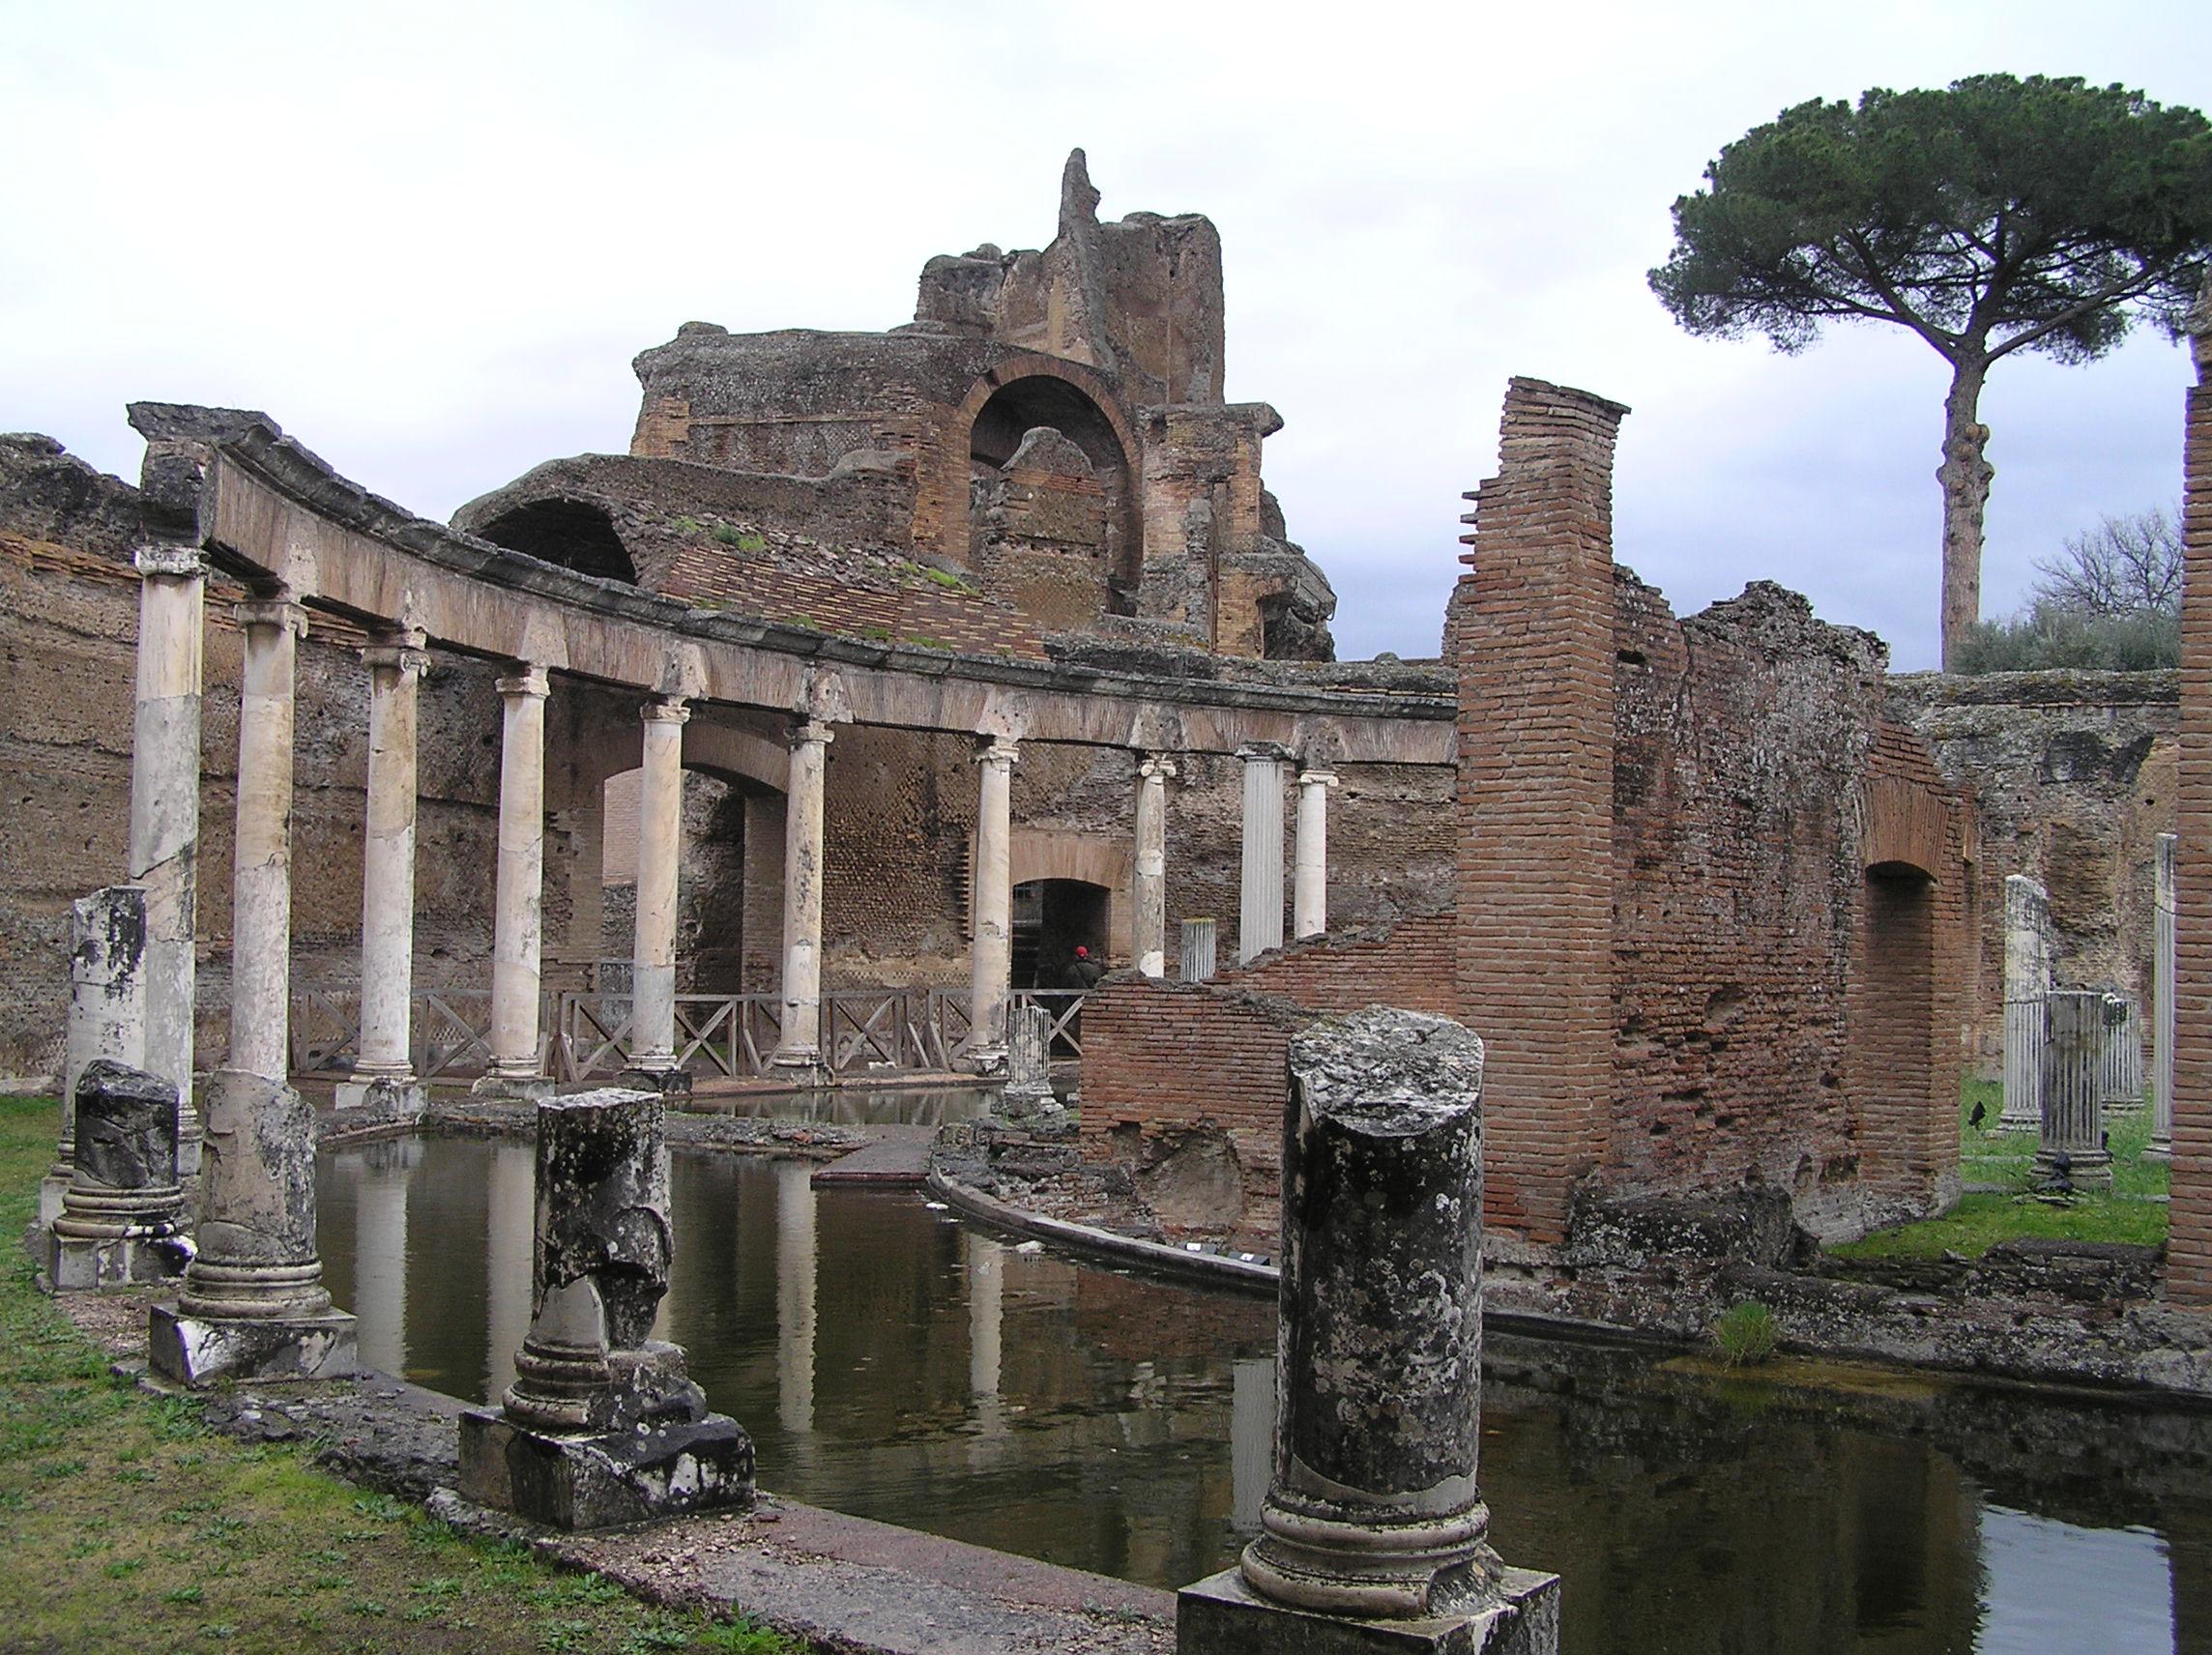 Itálie - Řím a okolí - Hadrianova vila v Tivoli, Teatro Maritimo